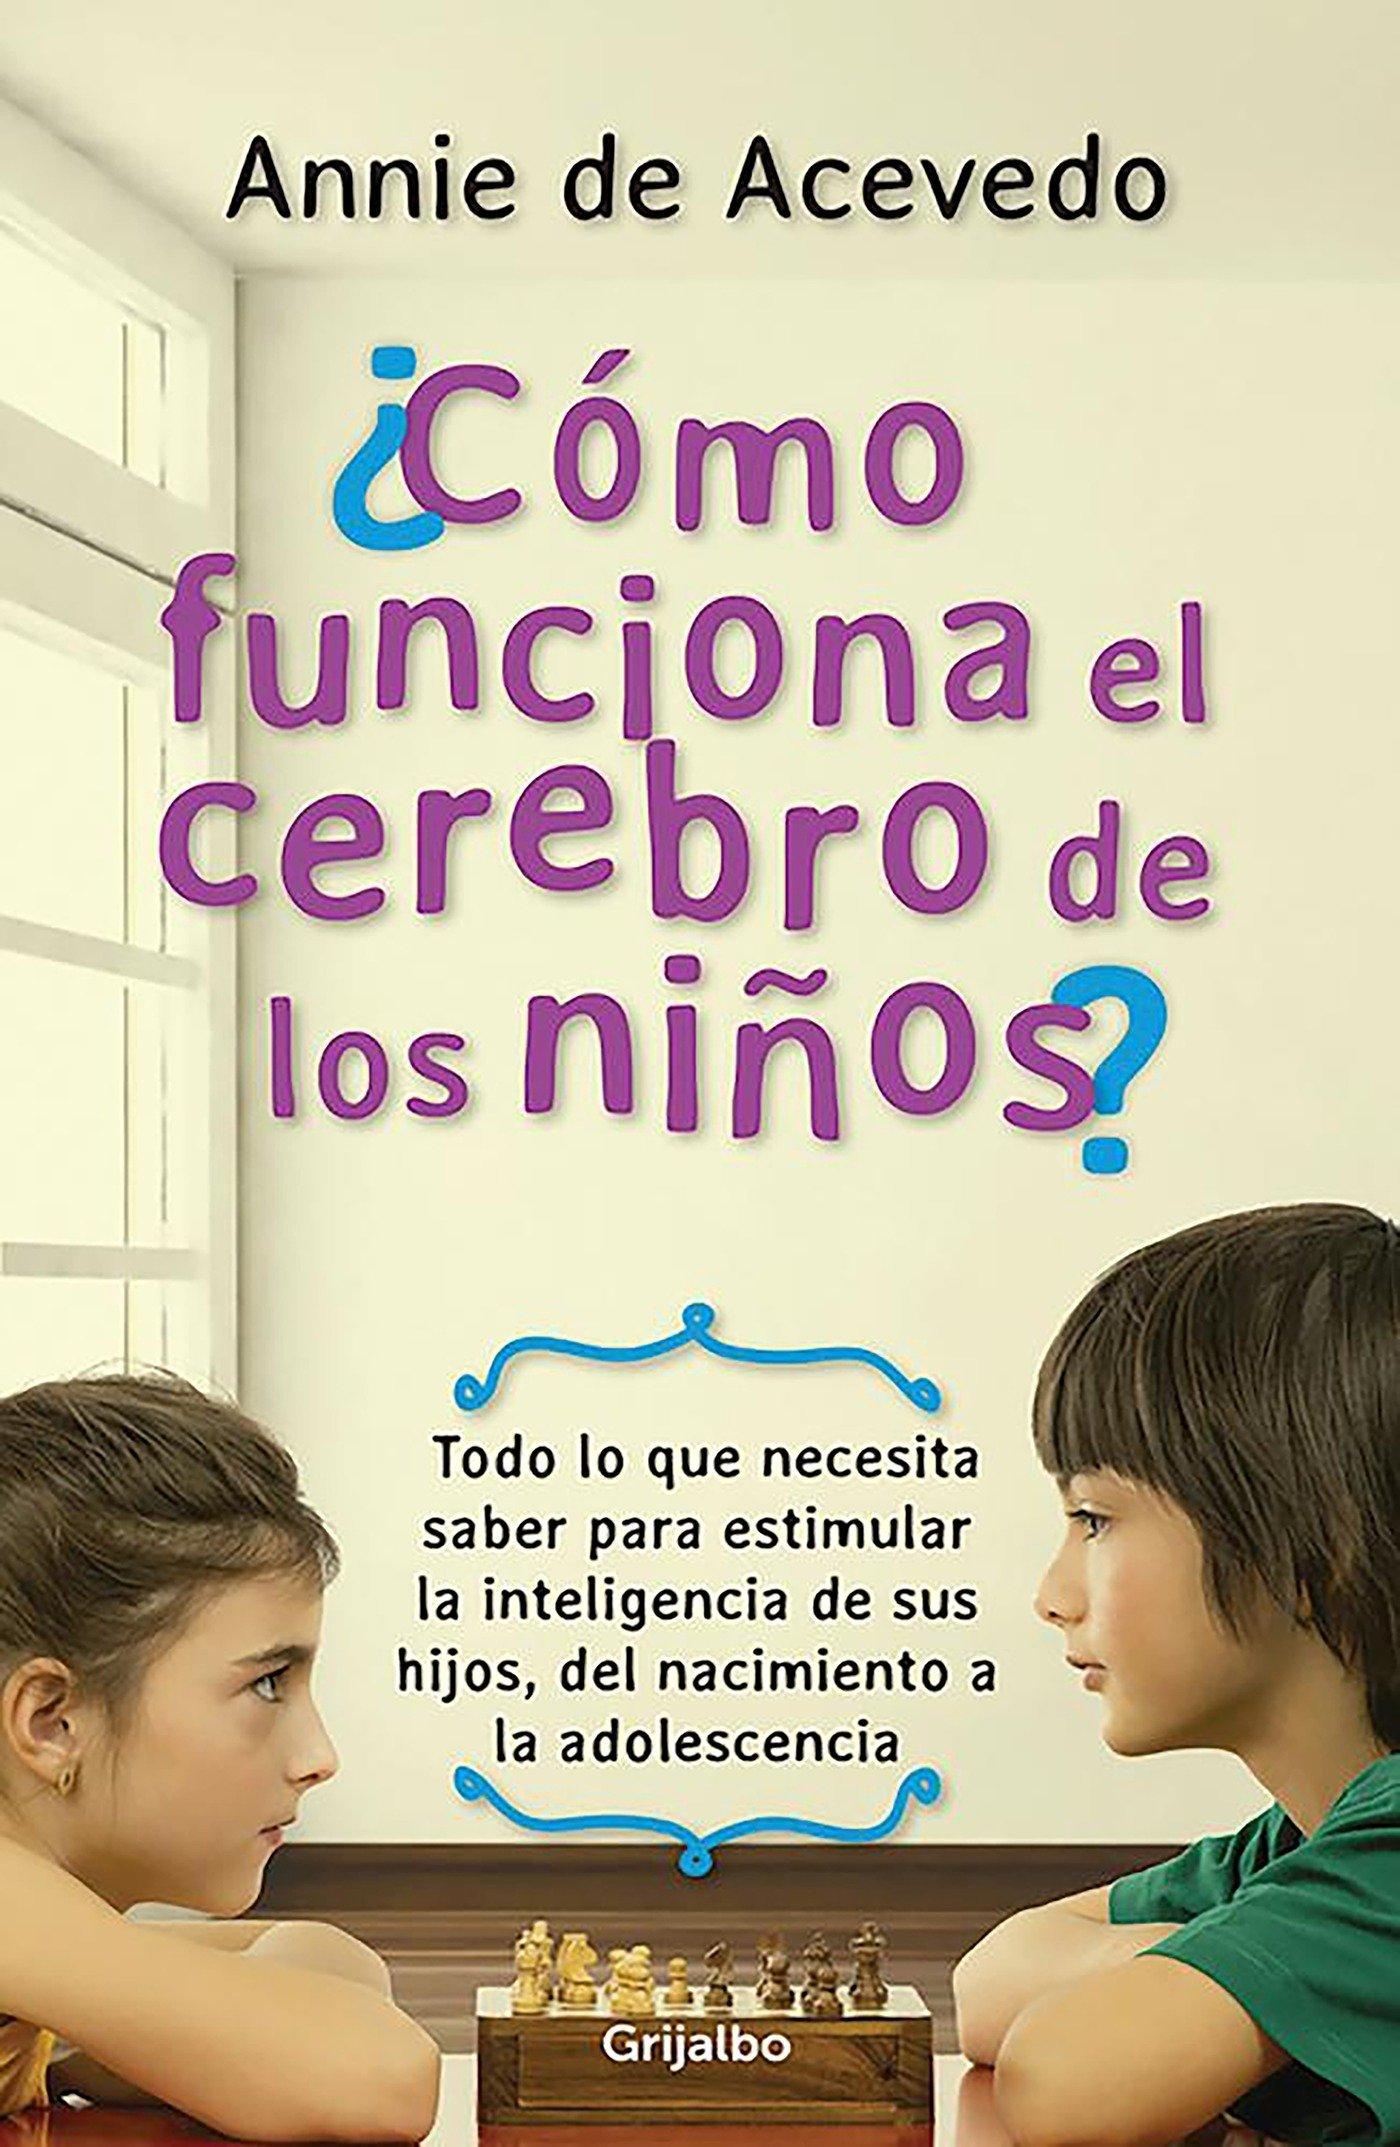 Cómo Funciona El Cerebro de Los Niños: Amazon.es: Annie de Acevedo: Libros